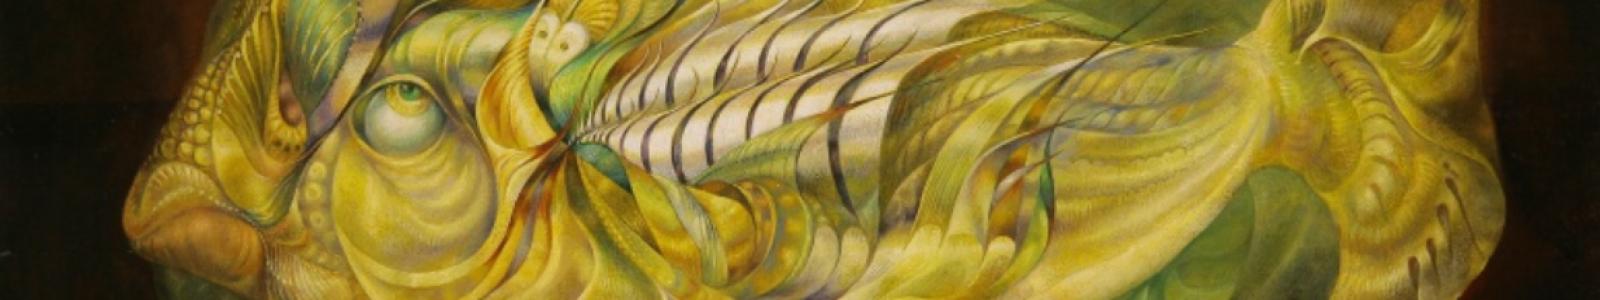 Galerie Bildmaler Gregor Danelian